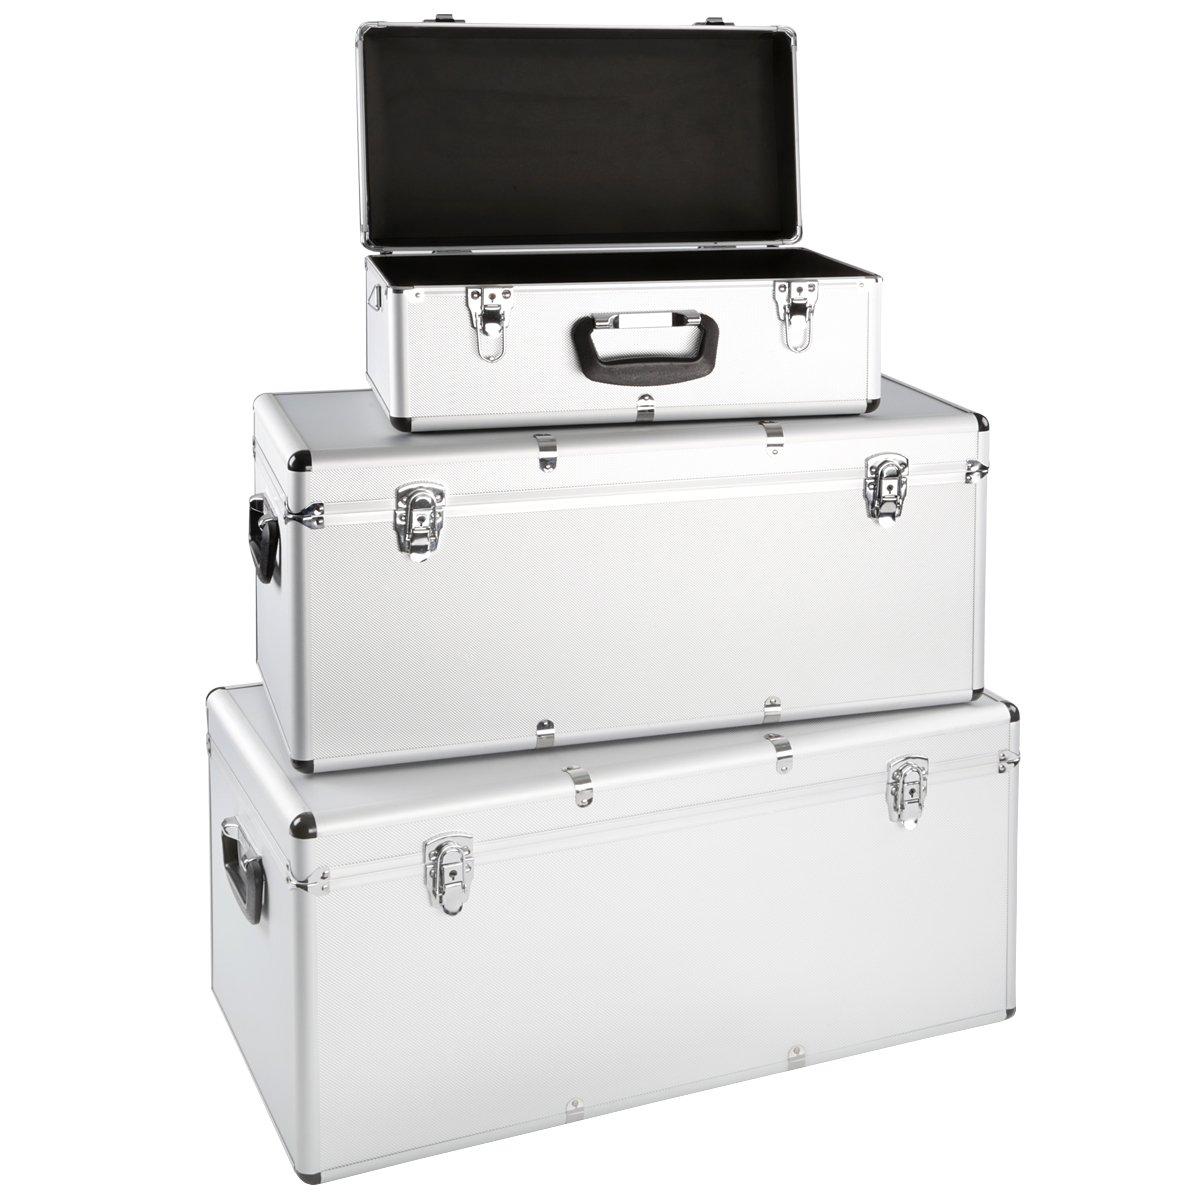 Juego de 3 cajas de aluminio para herramientas (aluminio caja de transporte Caja de almacenamiento Caja de almacenamiento con cerradura: Amazon.es: Bricolaje y herramientas